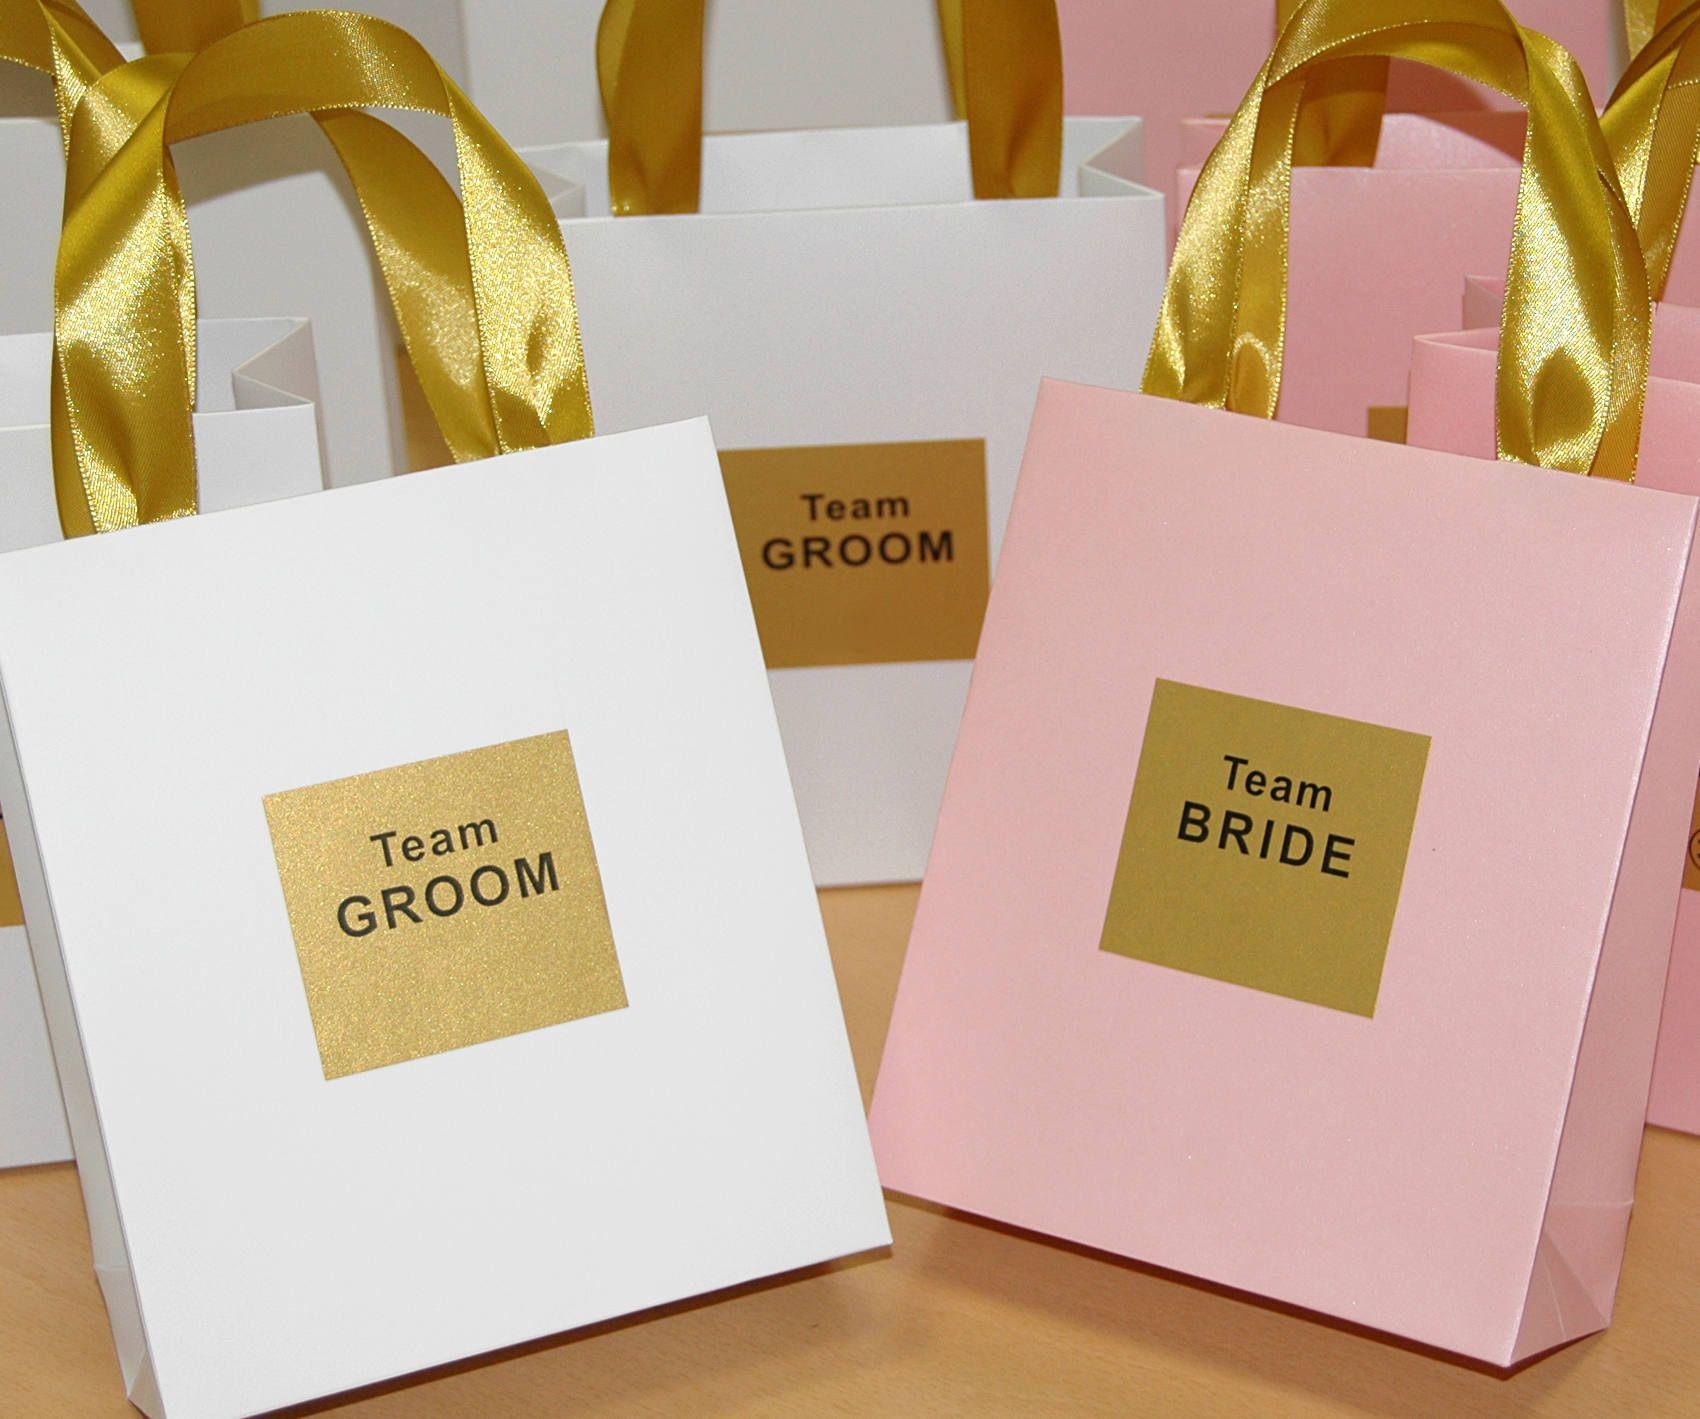 ETSY Vendor Product Description | Bridesmaids ideas | Pinterest ...